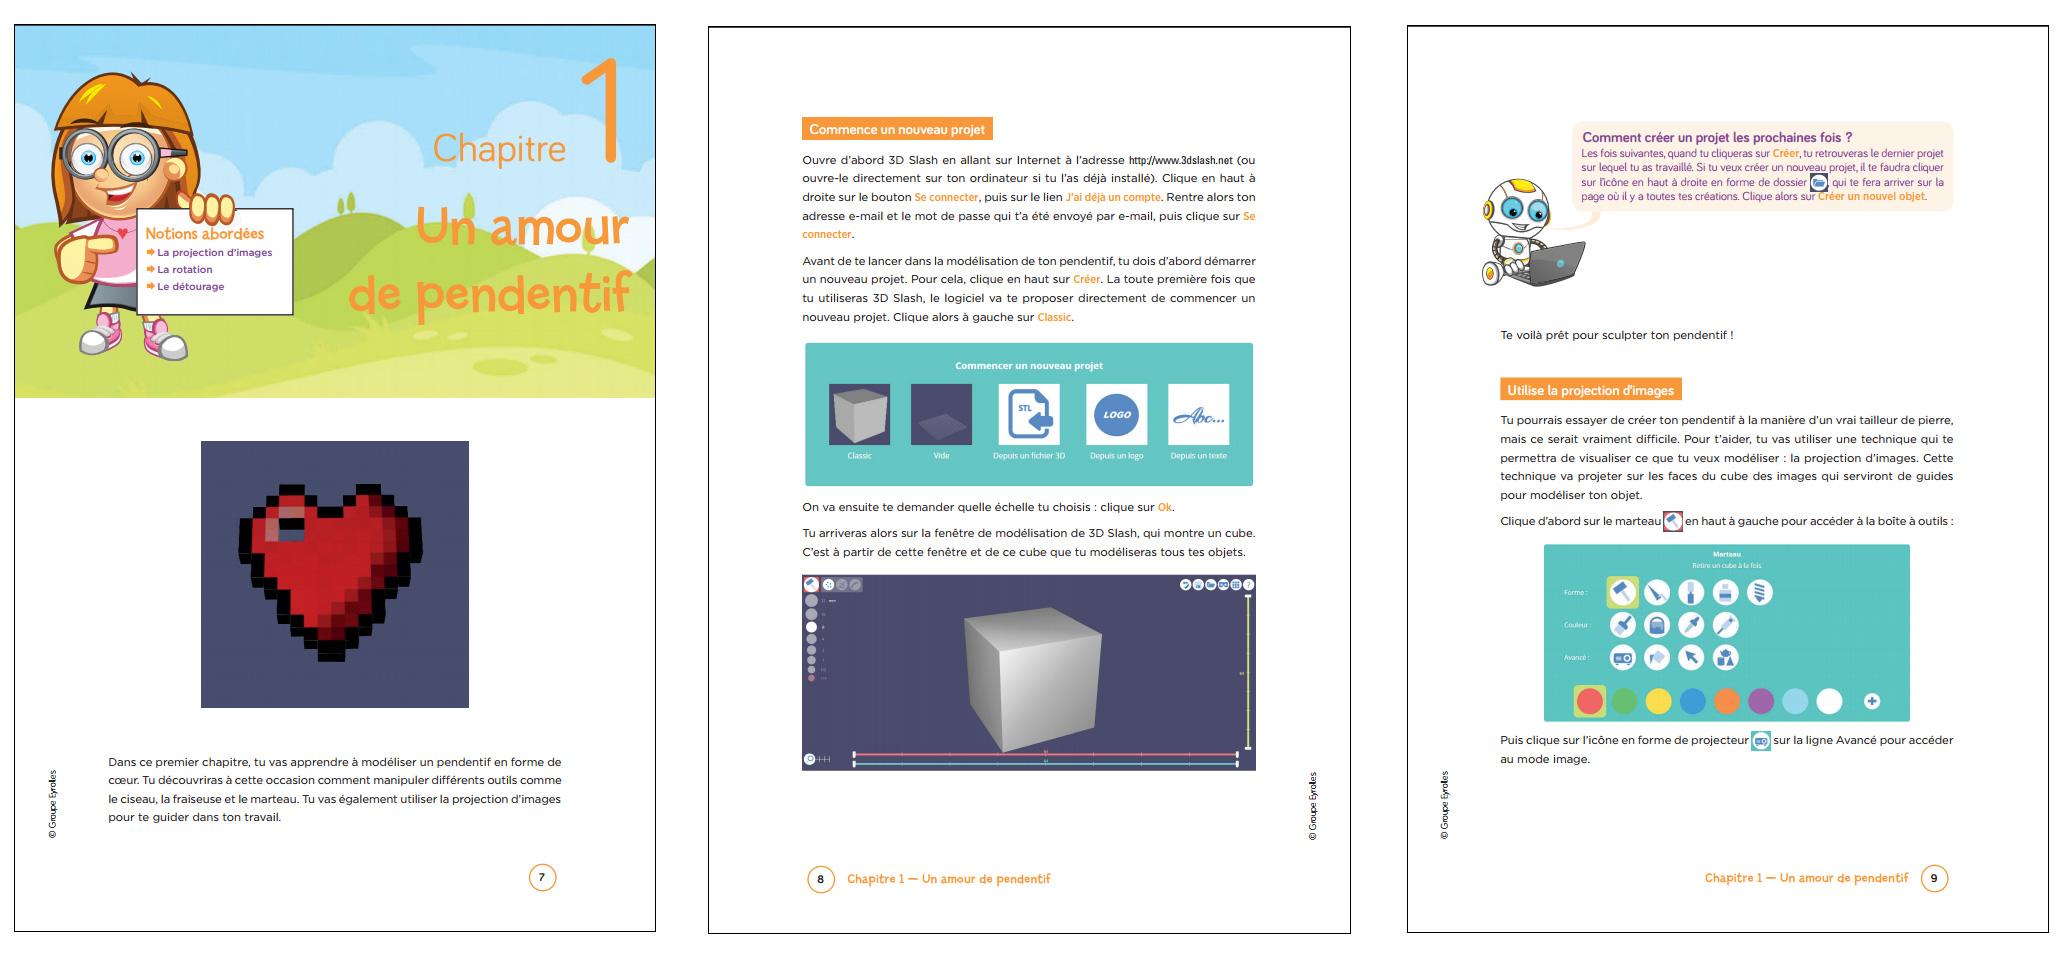 Cahier d'activités pour l'impression 3D : avis sur le livre